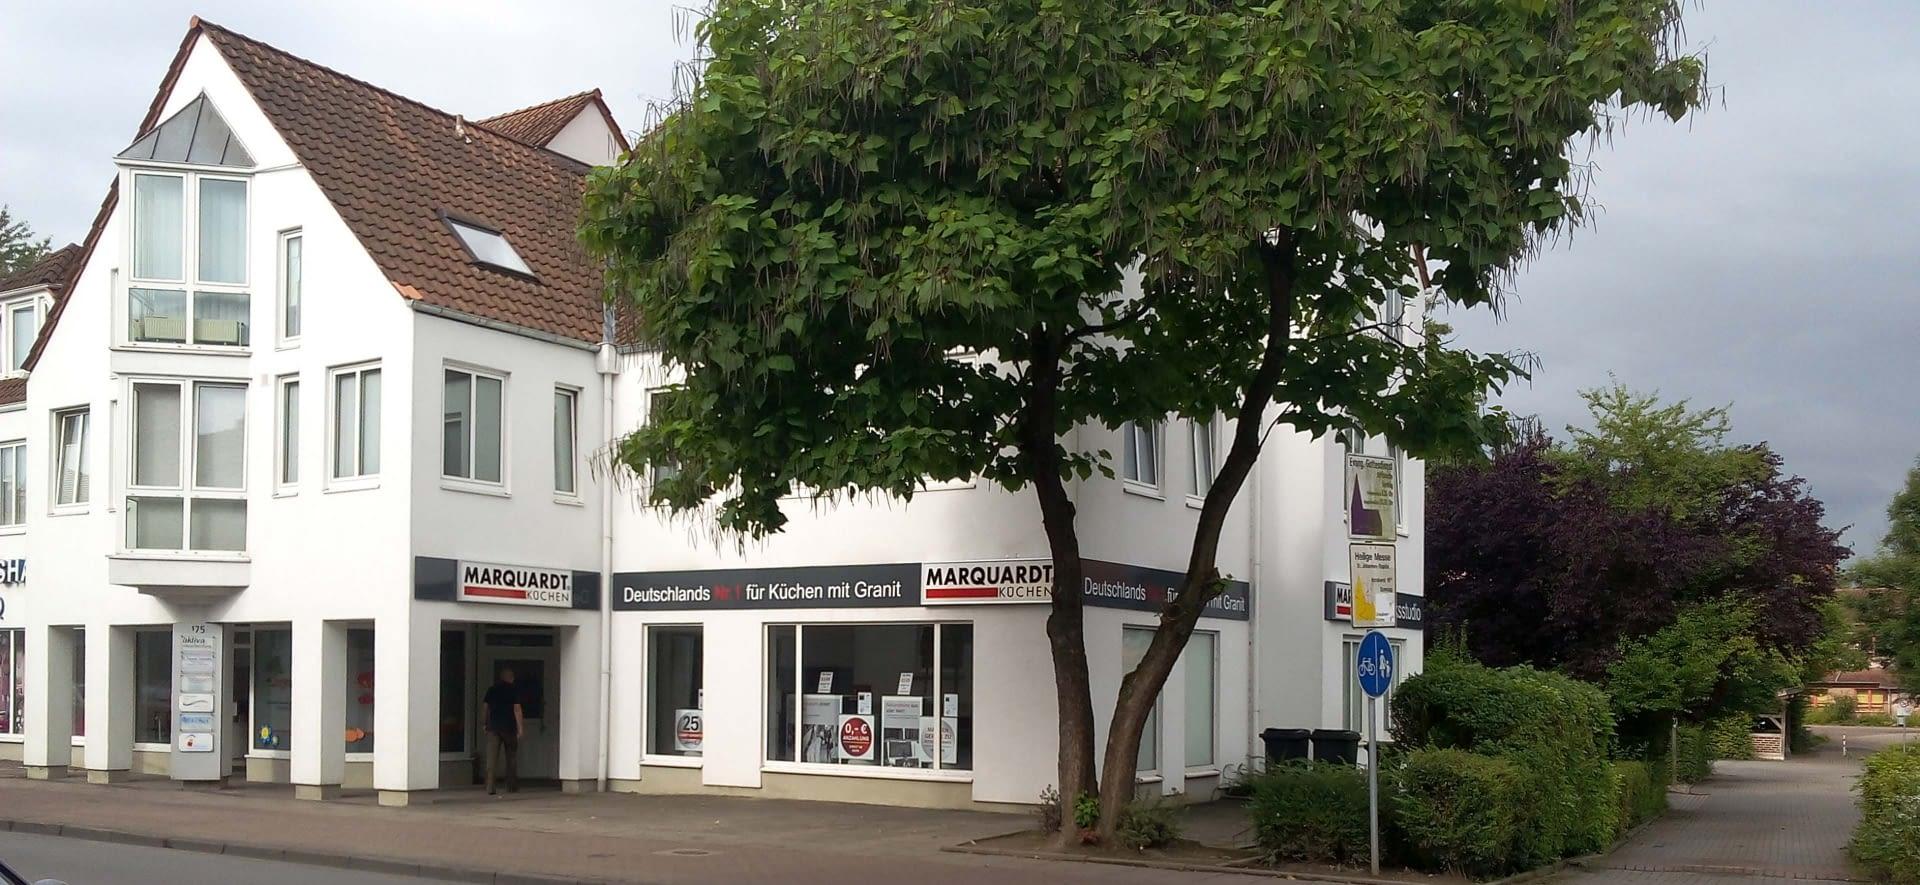 Grosse Eroffnung In Bielefeld Marquardt Kuchen